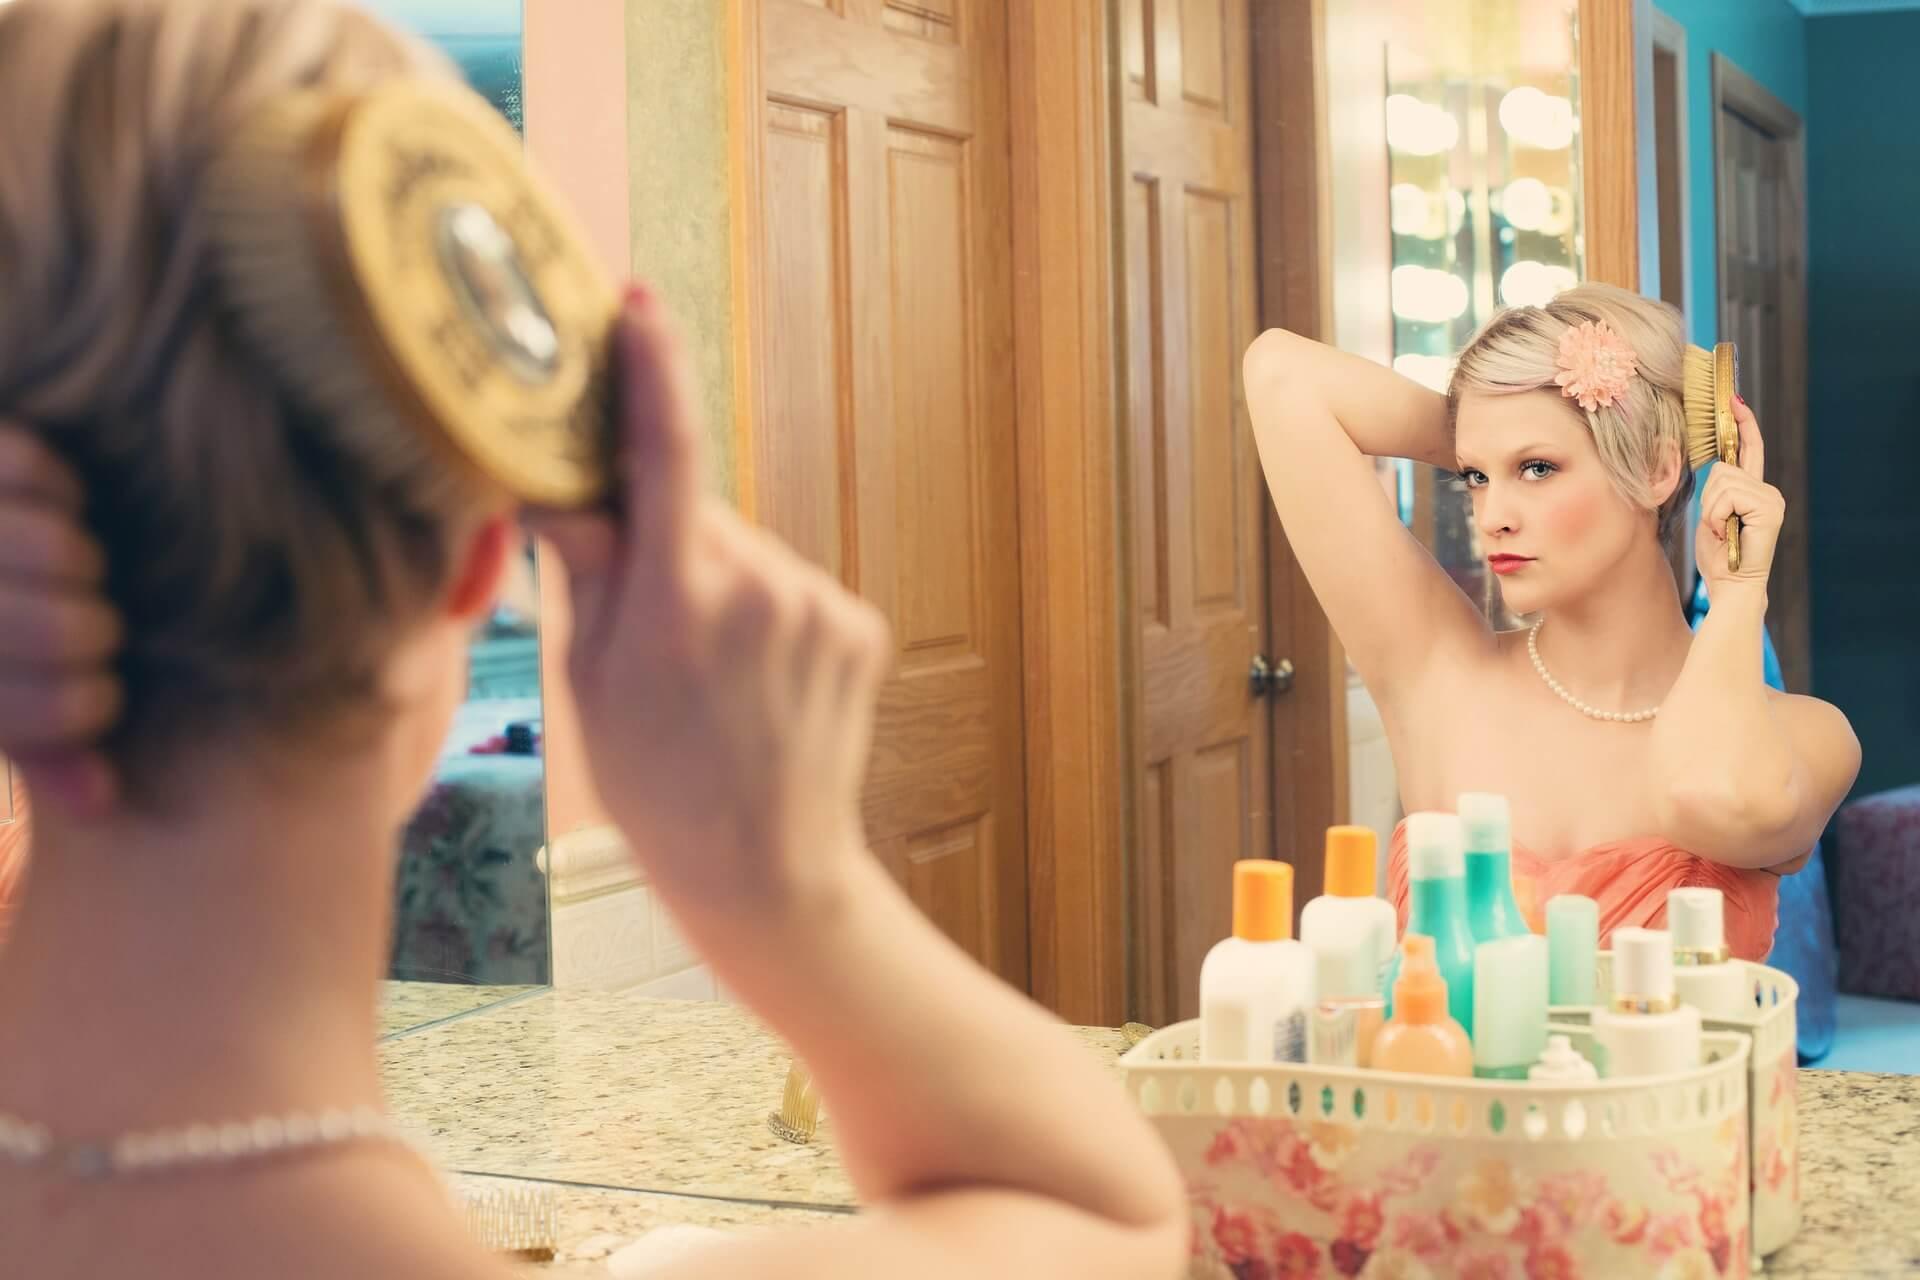 טיפול בוטוקס במצח לאשה